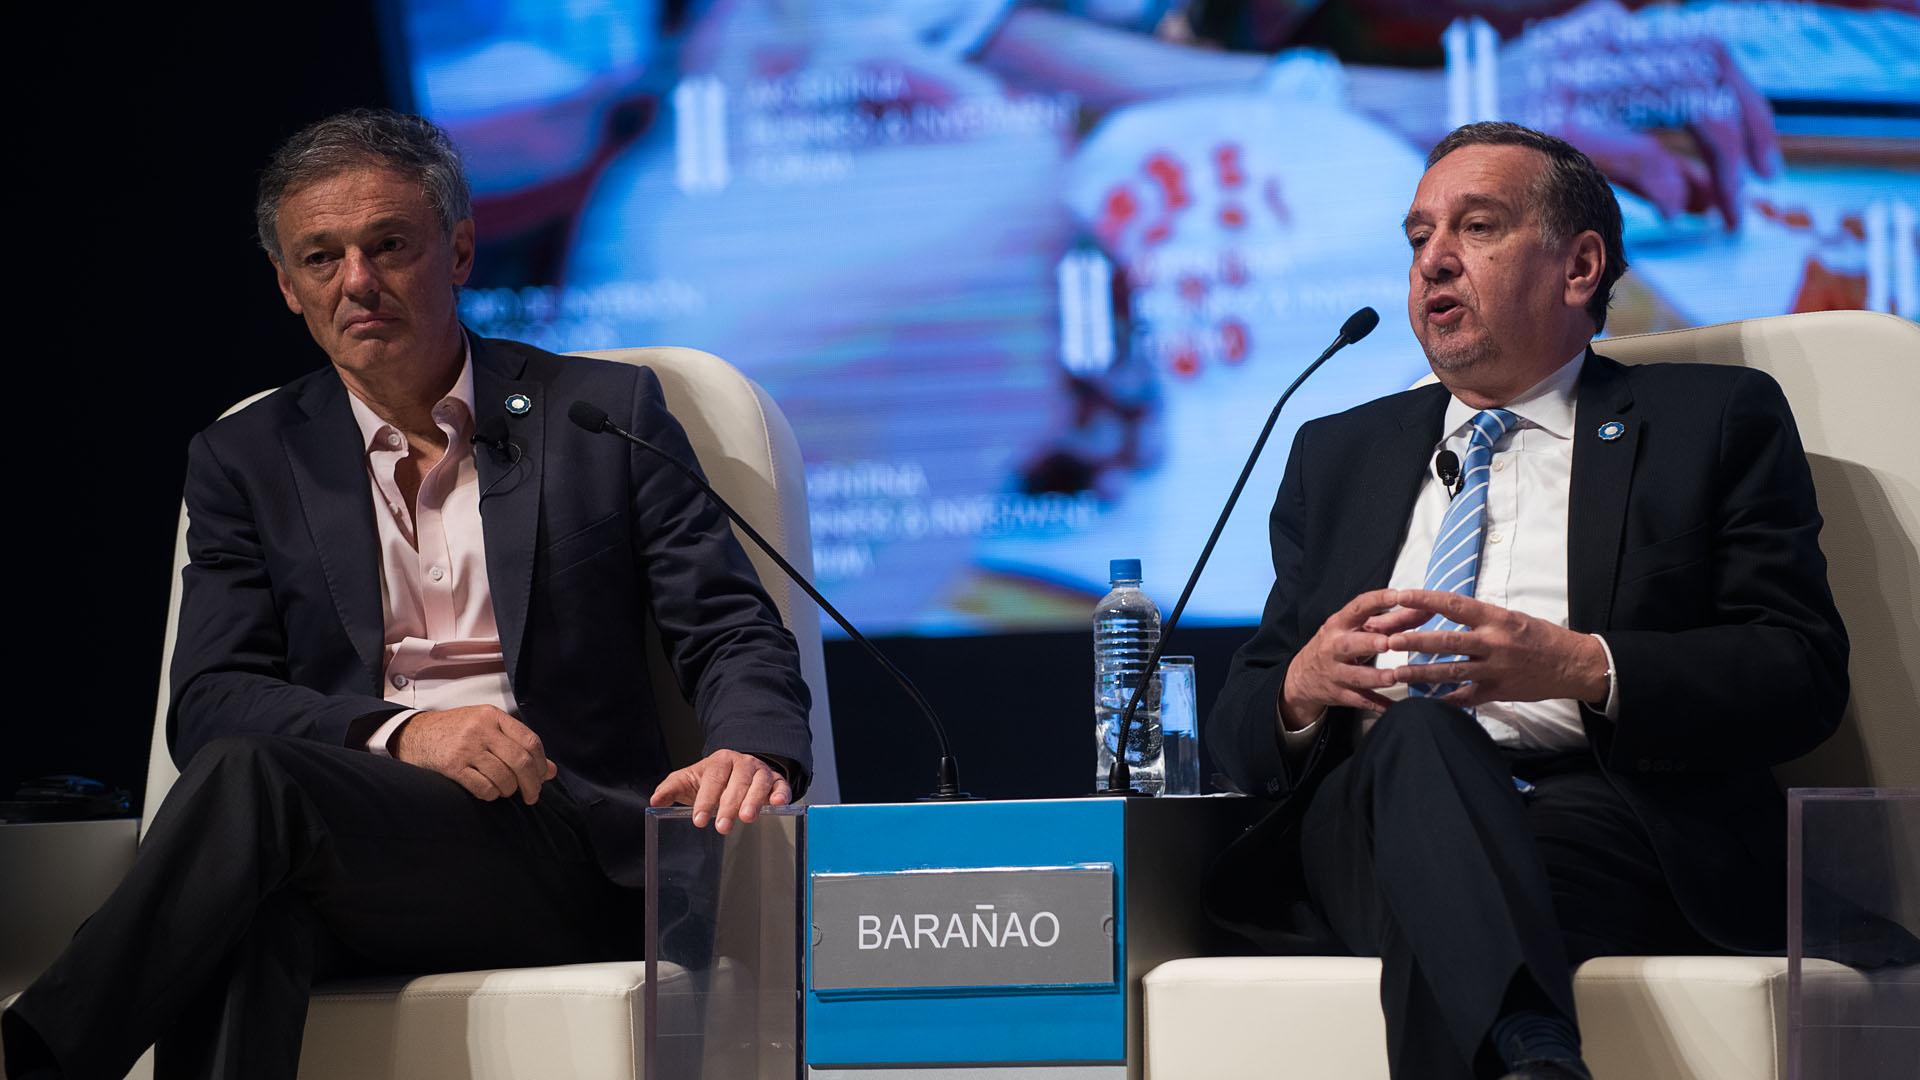 Francisco Cabrera y Lino Barañao compartieron el panel inicial (Fotos: Adrián Escandar)